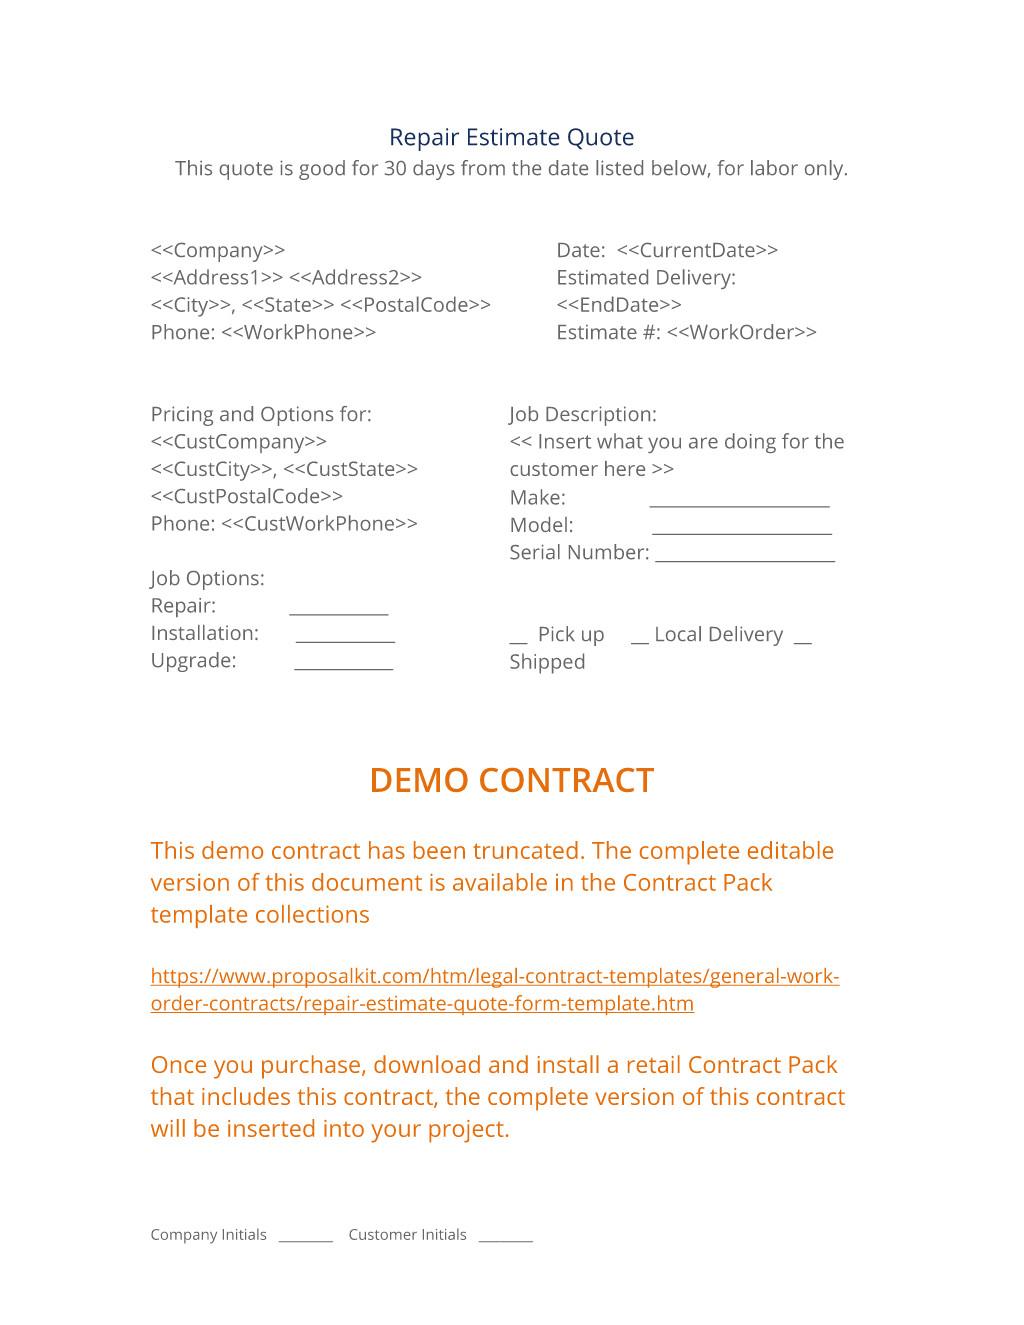 repair estimate quote form template